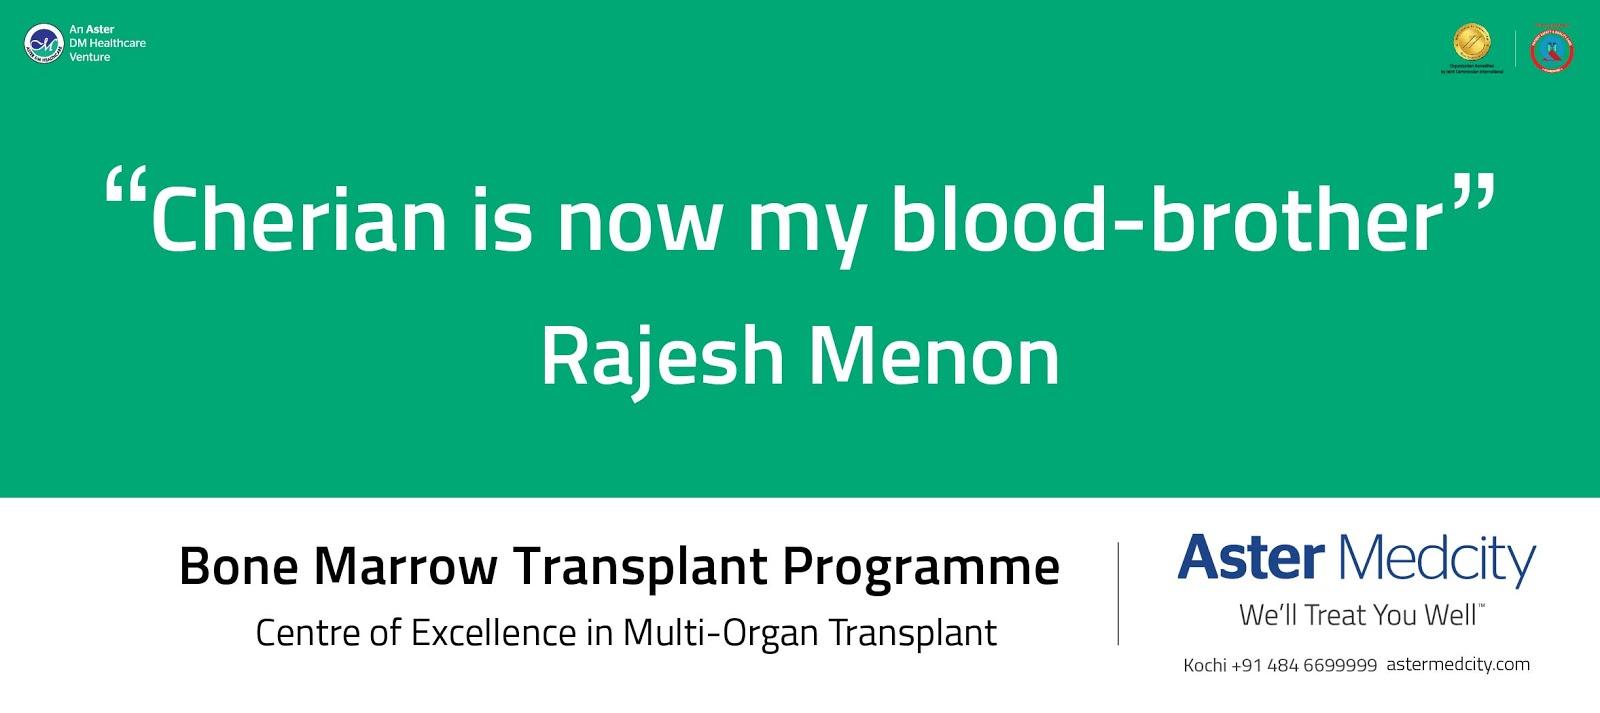 Aster Medcity - Multi Organ Transplant   Print mock-up 1   Stark Communications Pvt Ltd